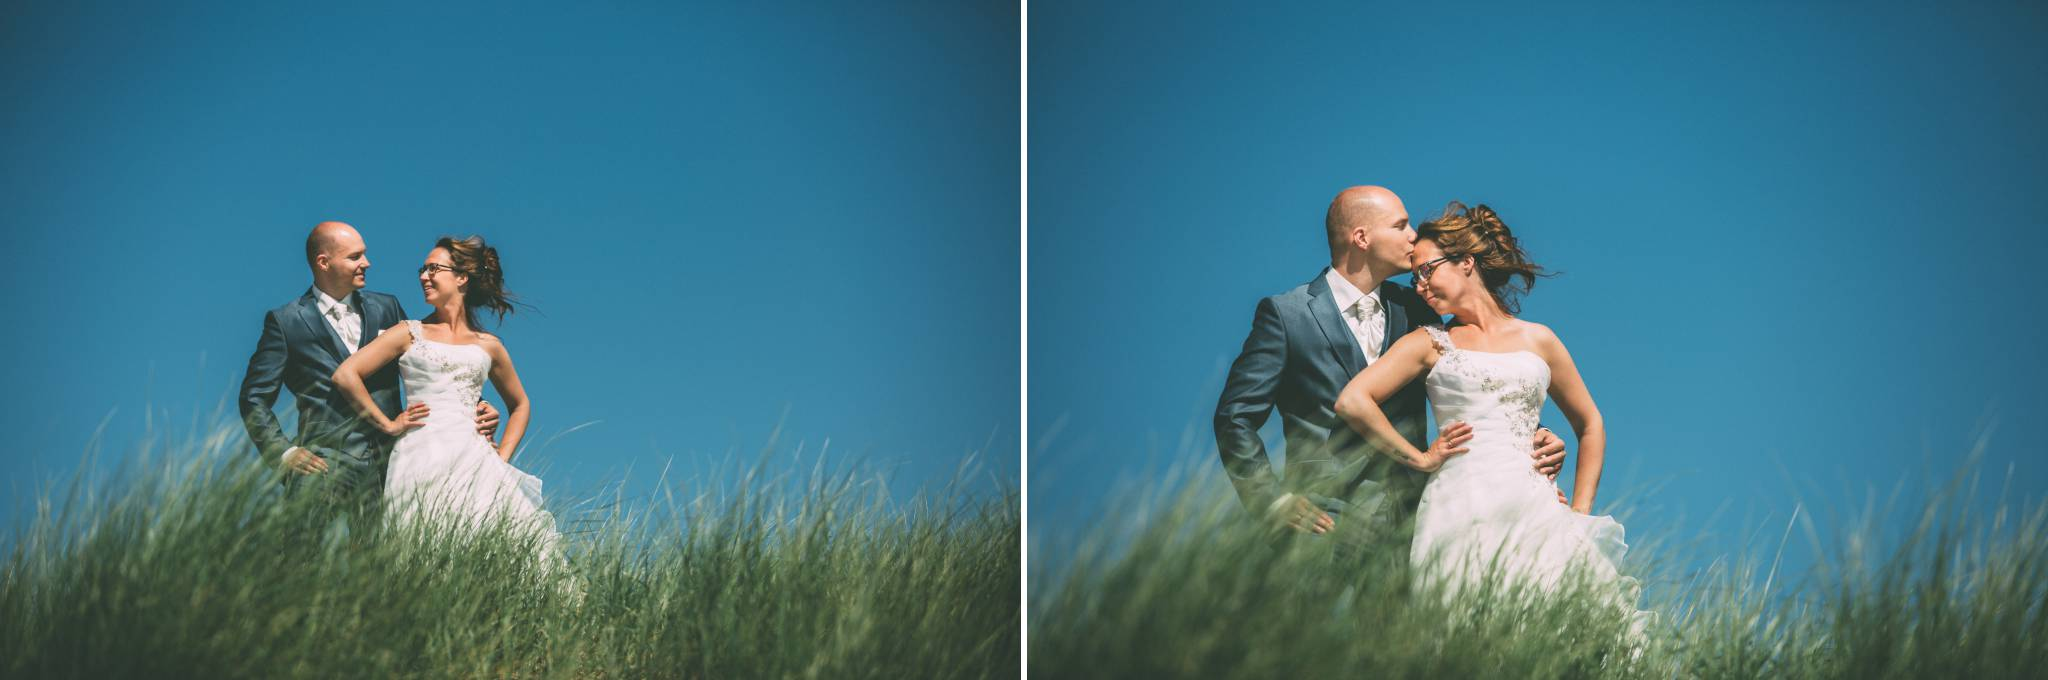 Bruidsfotograaf Hoek Van Holland